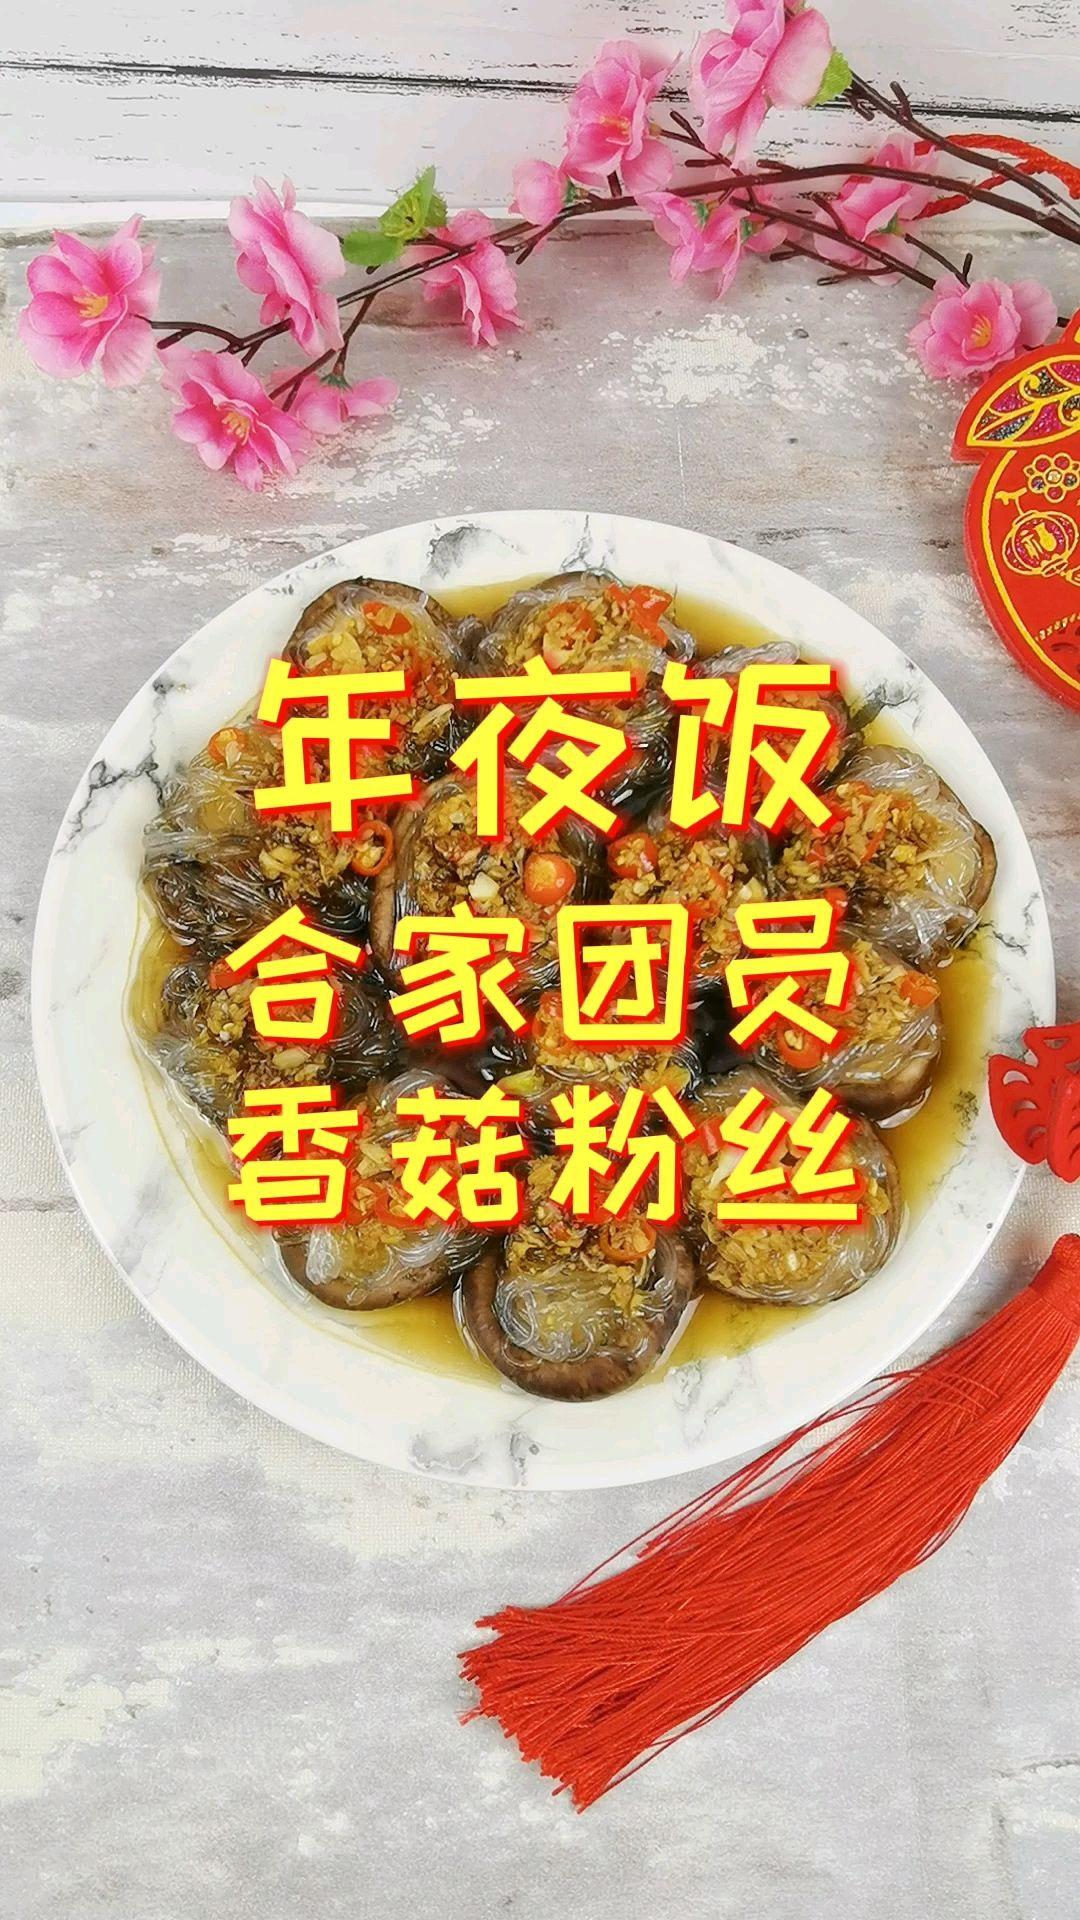 年夜饭-团团圆圆香菇粉丝,香菇这样做,比扇贝和肉还好吃